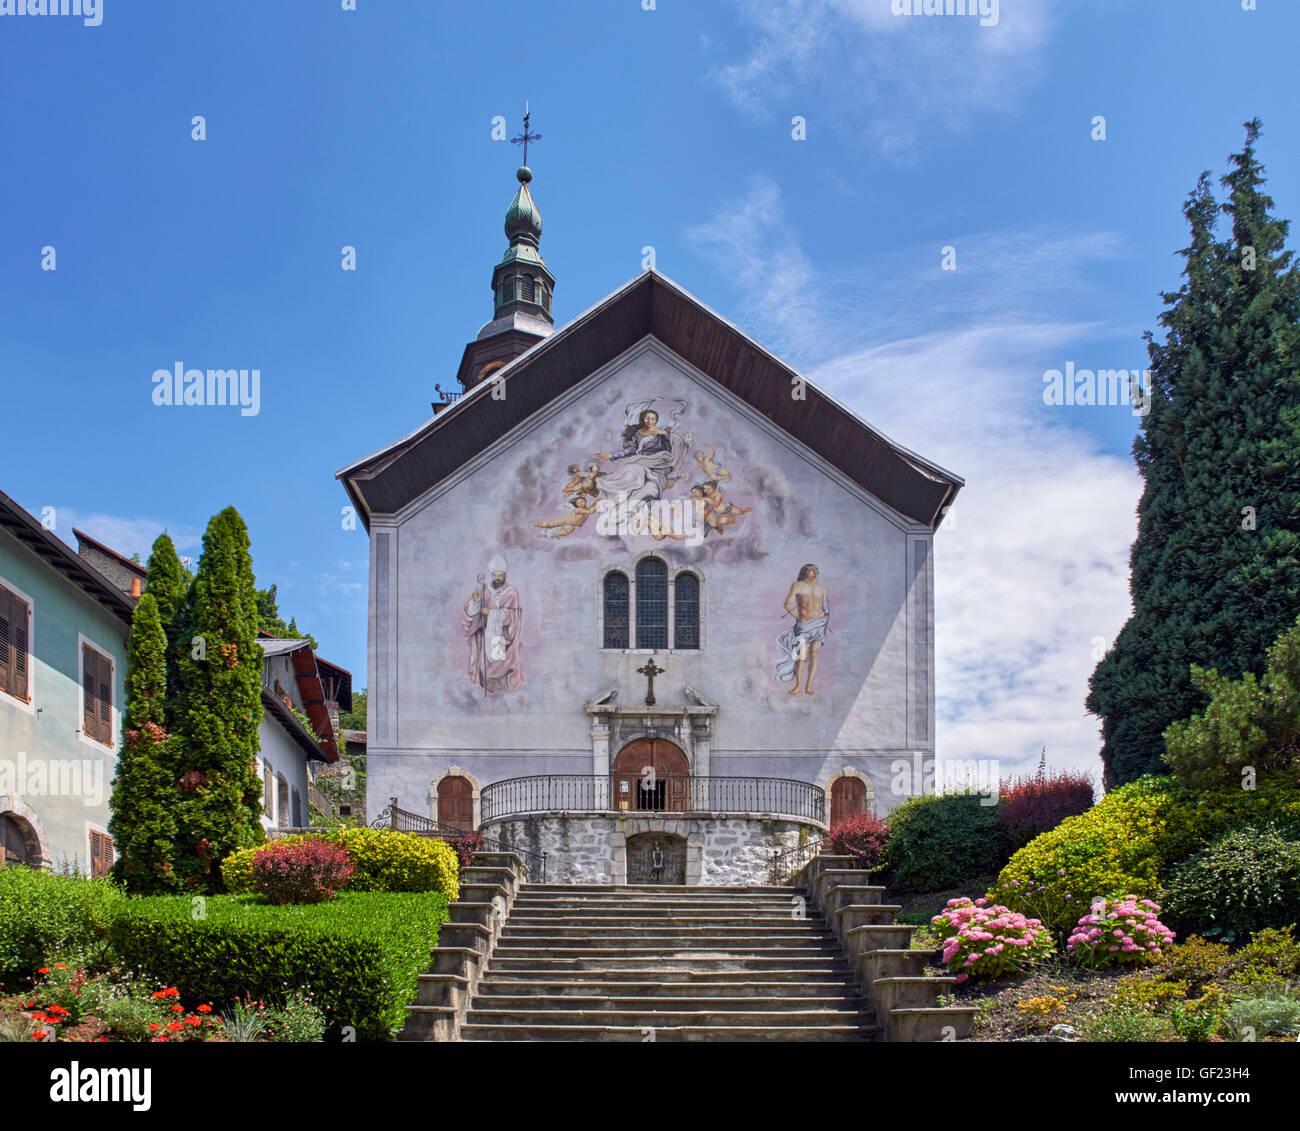 Église Notre-Dame-de-l'Assomption in the medieval village of Conflans. Albertville, Savoie, France. Stock Photo